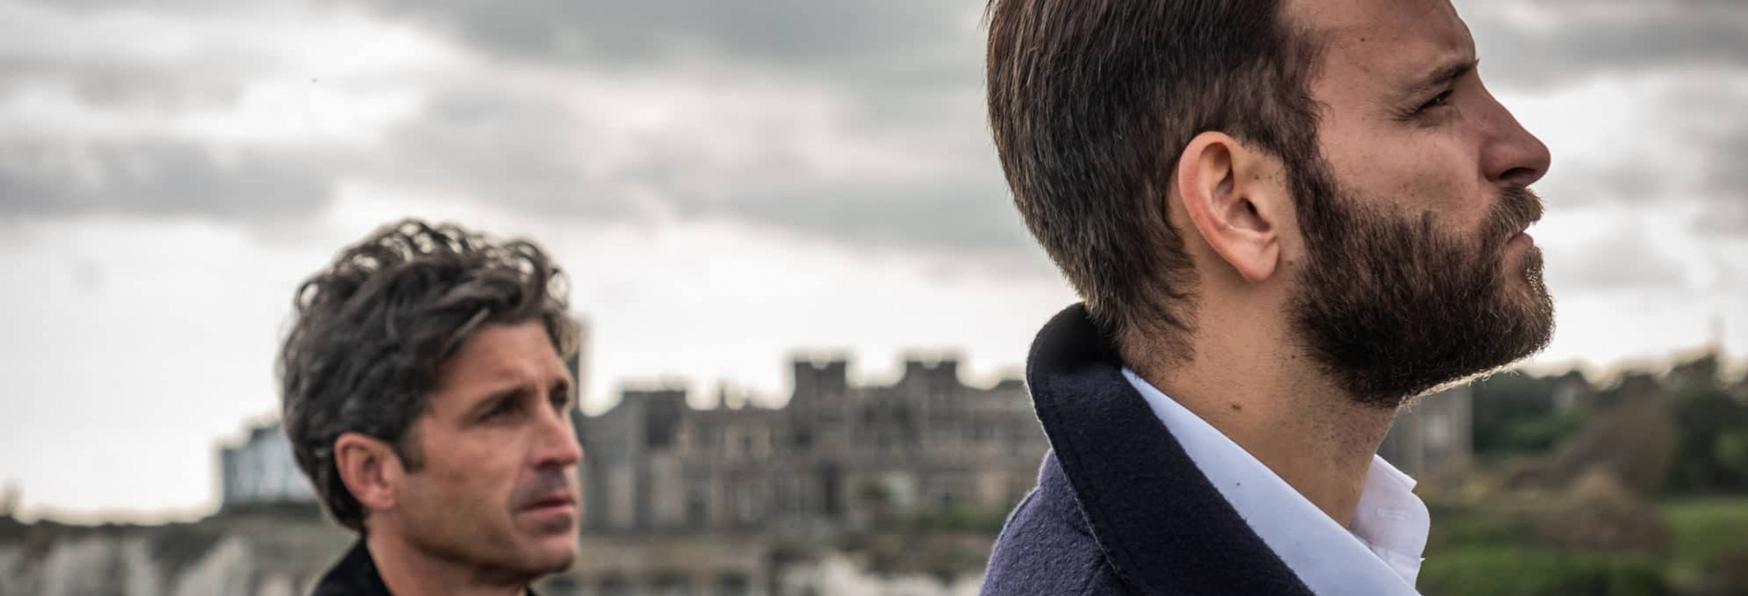 Diavoli: Numeri da Record per l'Esordio della nuova Serie TV Sky con Alessandro Borghi e Patrick Dempsey